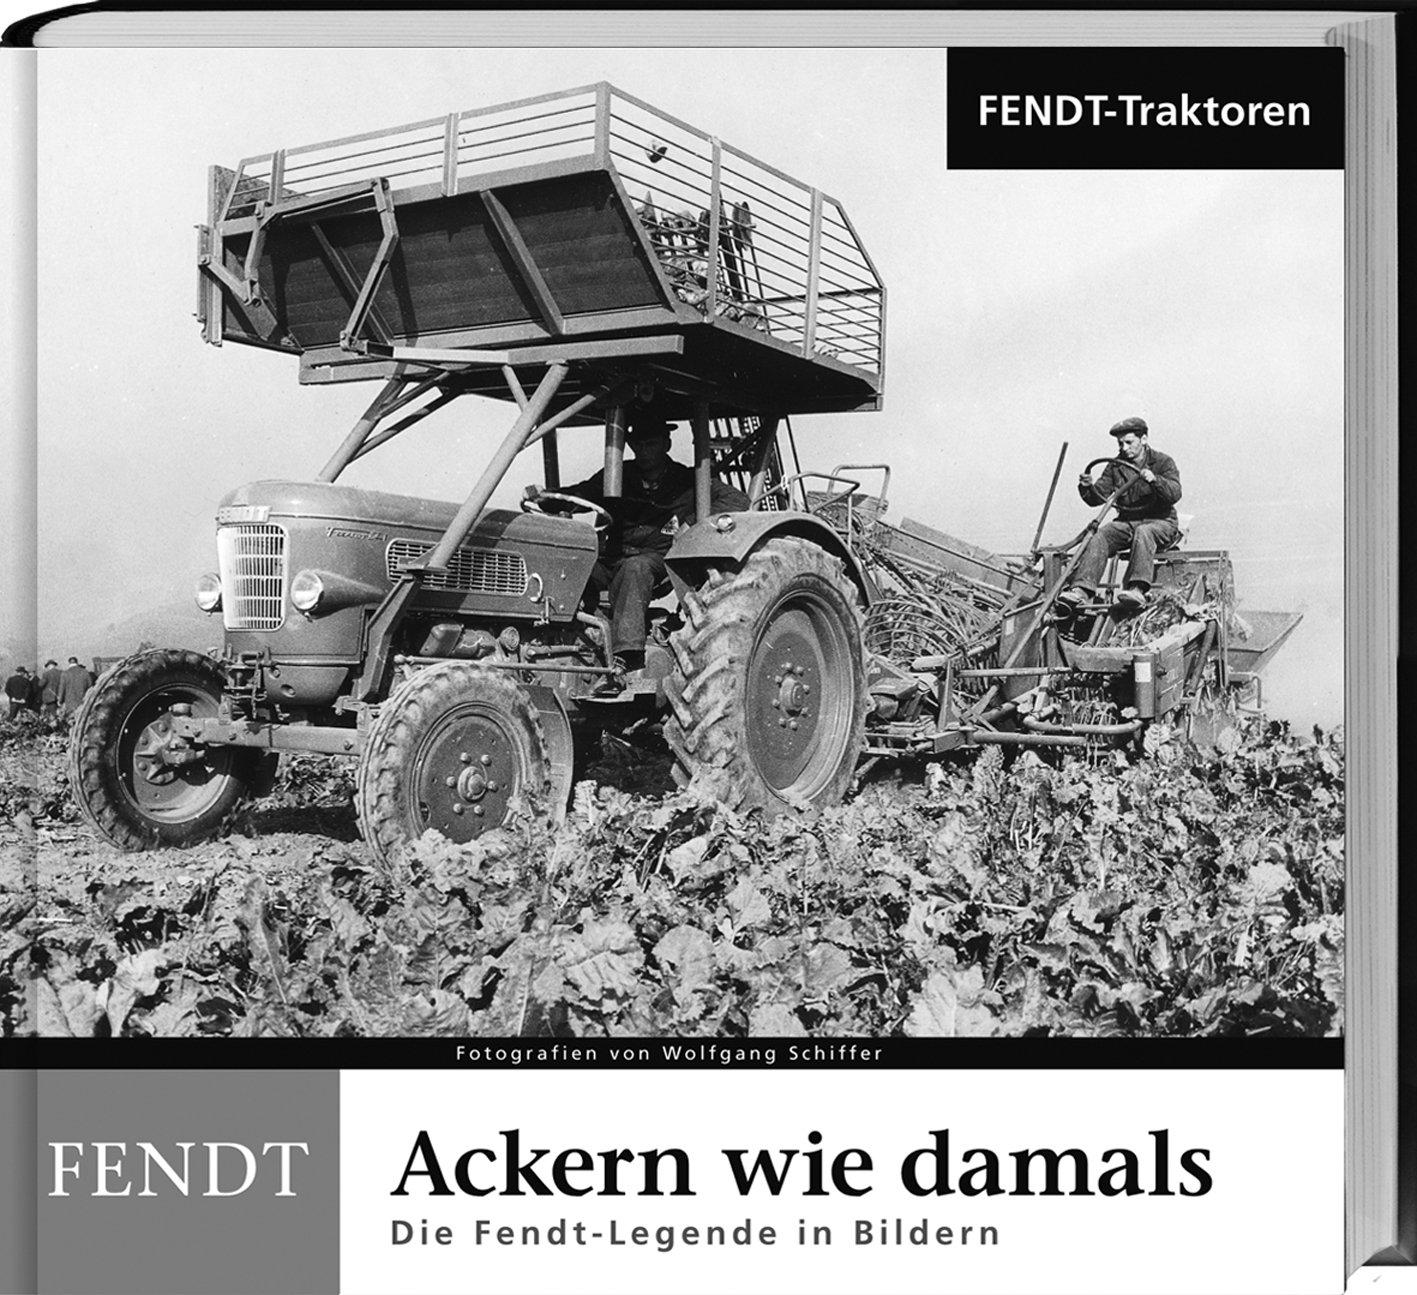 Ackern wie damals - Fendt Traktoren: Die Fendt-Legende in Bildern